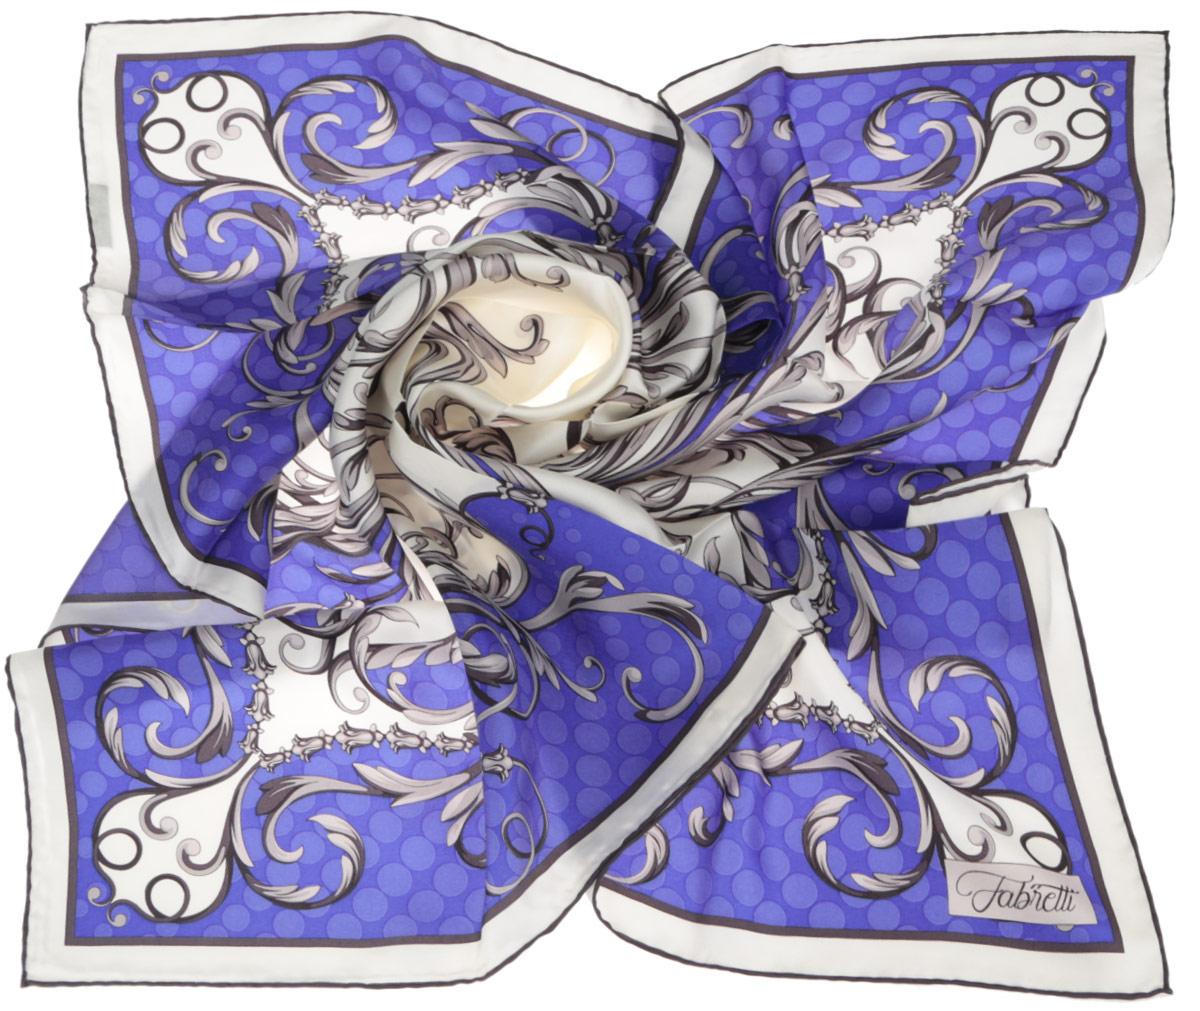 Платок женский Fabretti, цвет: синий, молочный. CX1516-49-4. Размер 90 см х 90 смCX1516-49-4Стильный женский платок Fabretti станет великолепным завершением любого наряда. Платок изготовлен из высококачественного 100% шелка и оформлен изысканным растительным орнаментом.Классическая квадратная форма позволяет носить платок на шее, украшать им прическу или декорировать сумочку. Мягкий и шелковистый платок поможет вам создать изысканный женственный образ, а также согреет в непогоду. Такой платок превосходно дополнит любой наряд и подчеркнет ваш неповторимый вкус и элегантность.